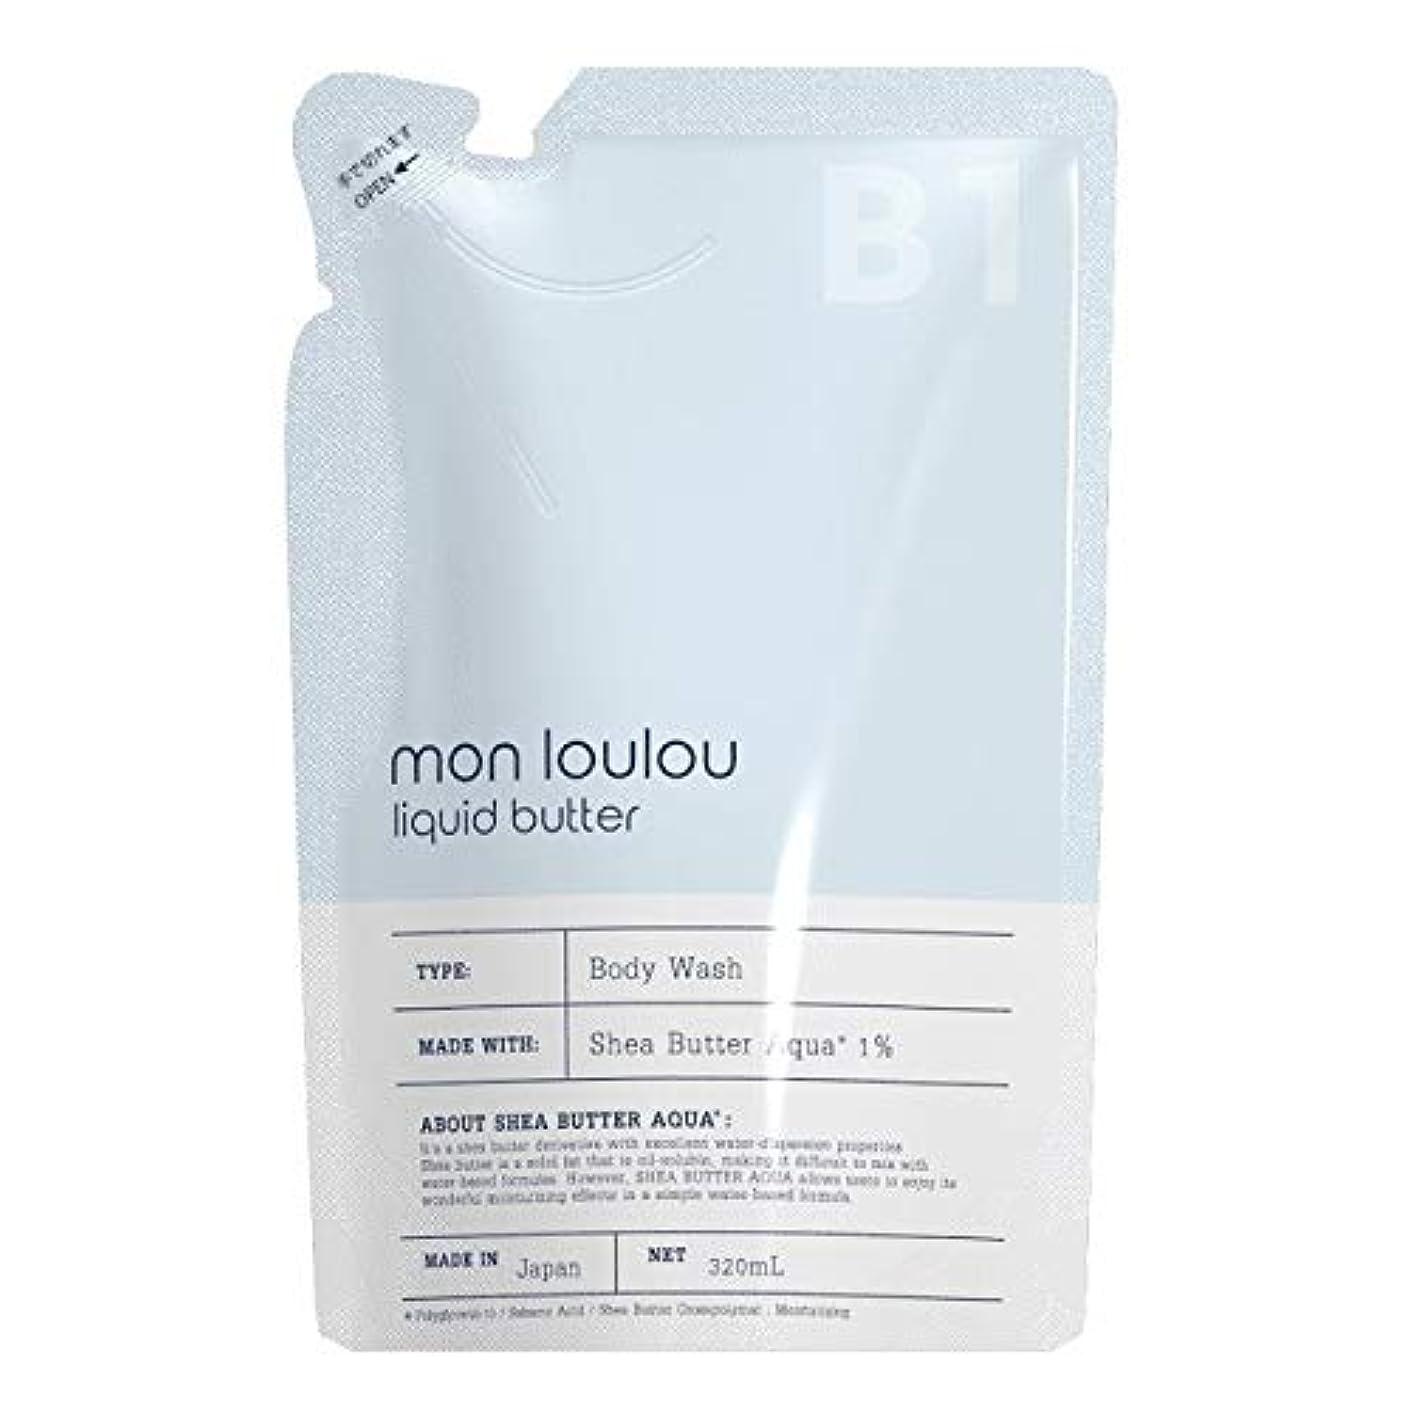 情緒的絶滅した雑多なモンルル1% ボディウォッシュ 詰替 320mL